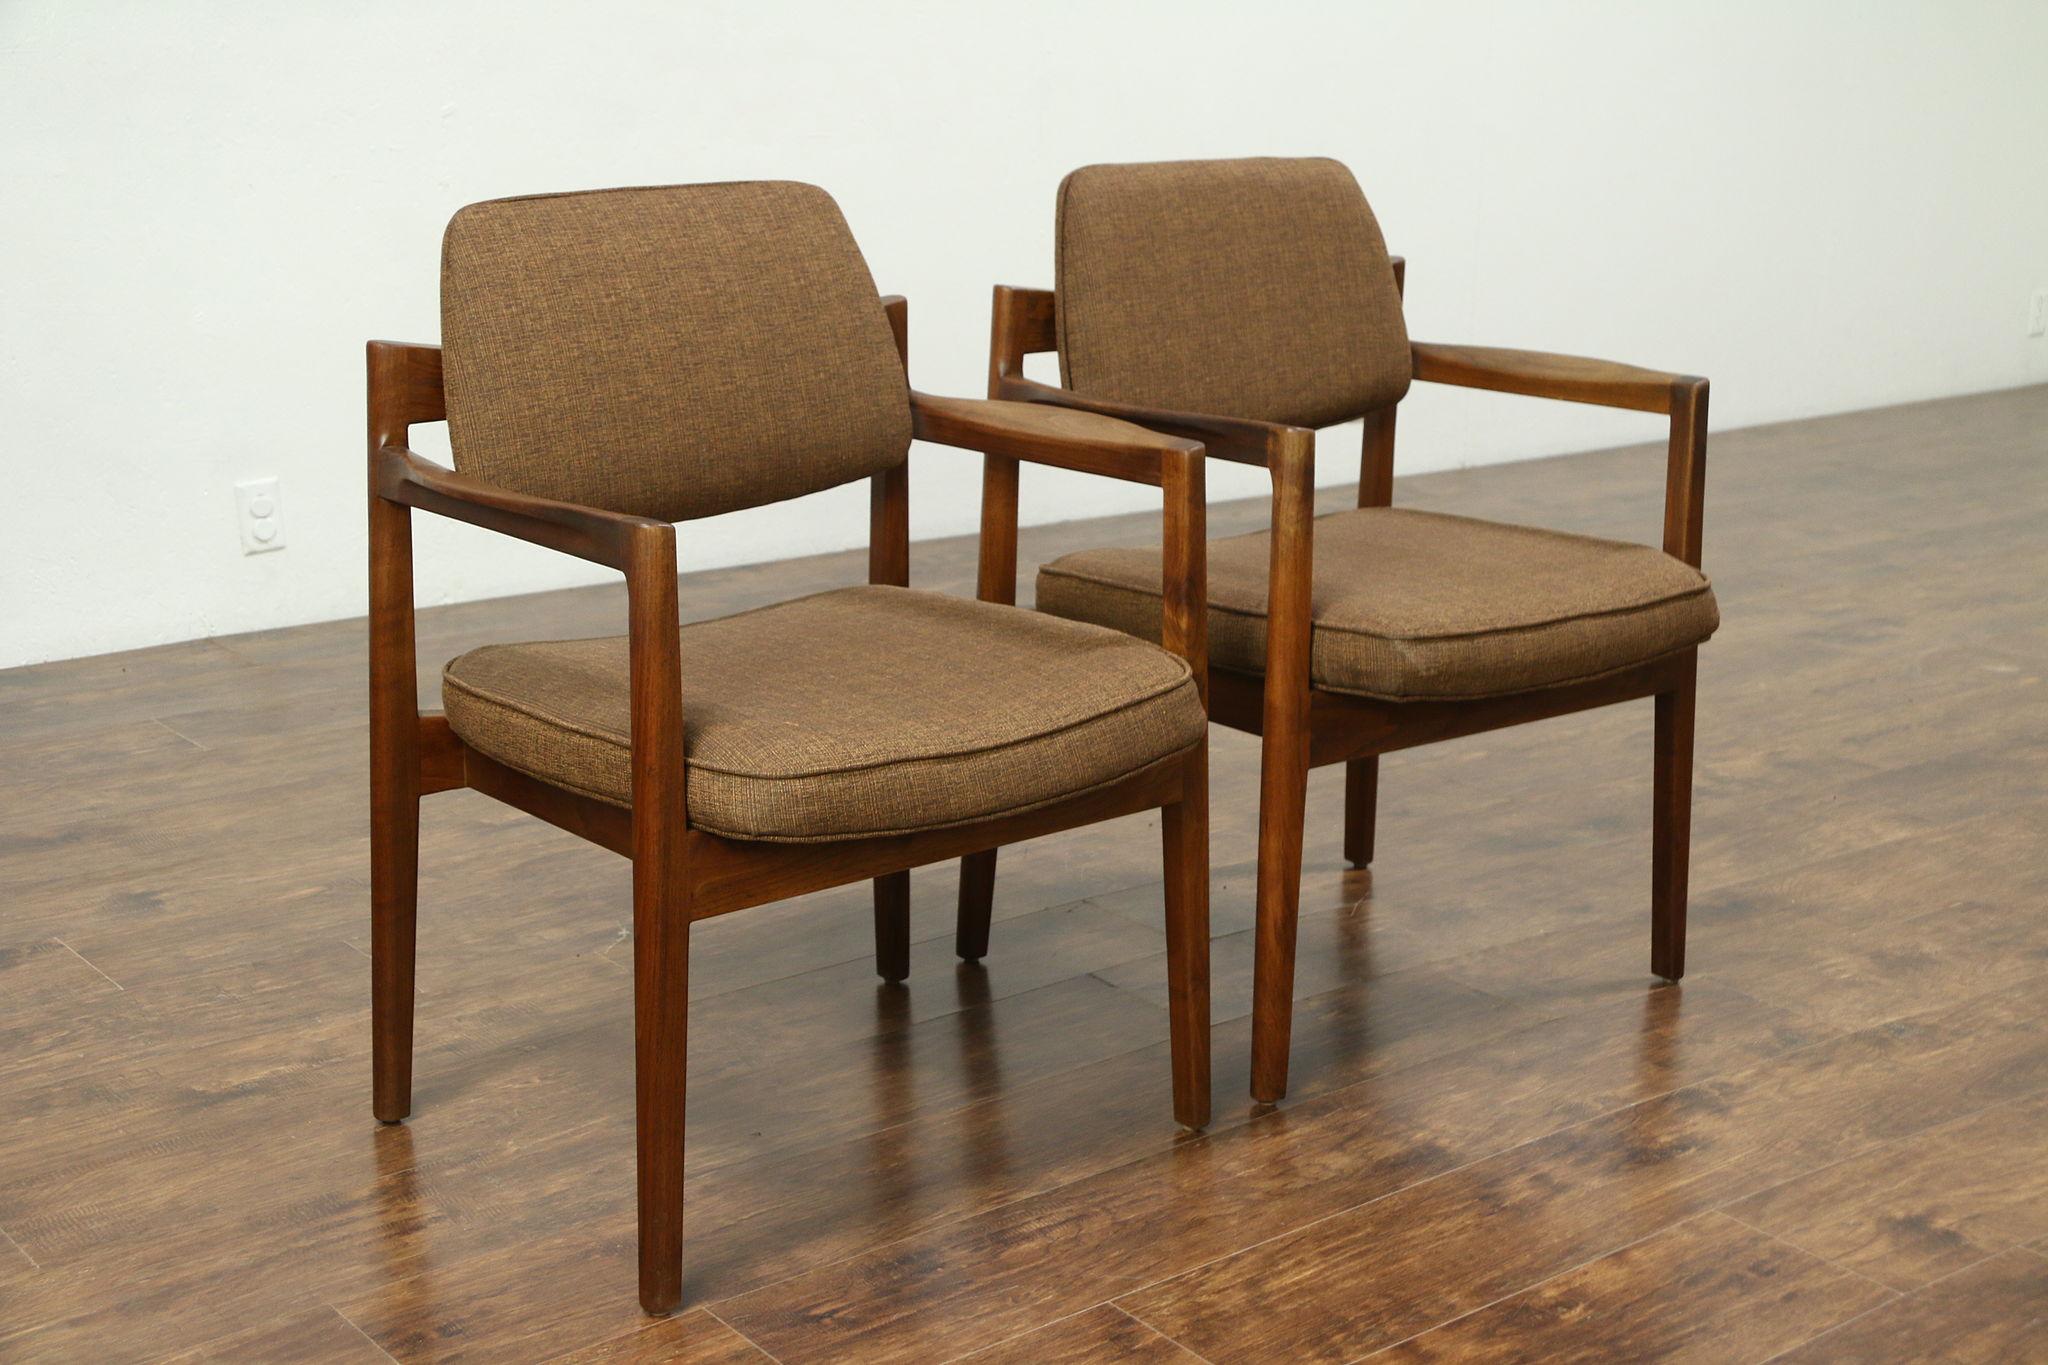 Pair Of Midcentury Modern Teak 1960u0027s Danish Chairs, Jens Risom, New  Upholstery